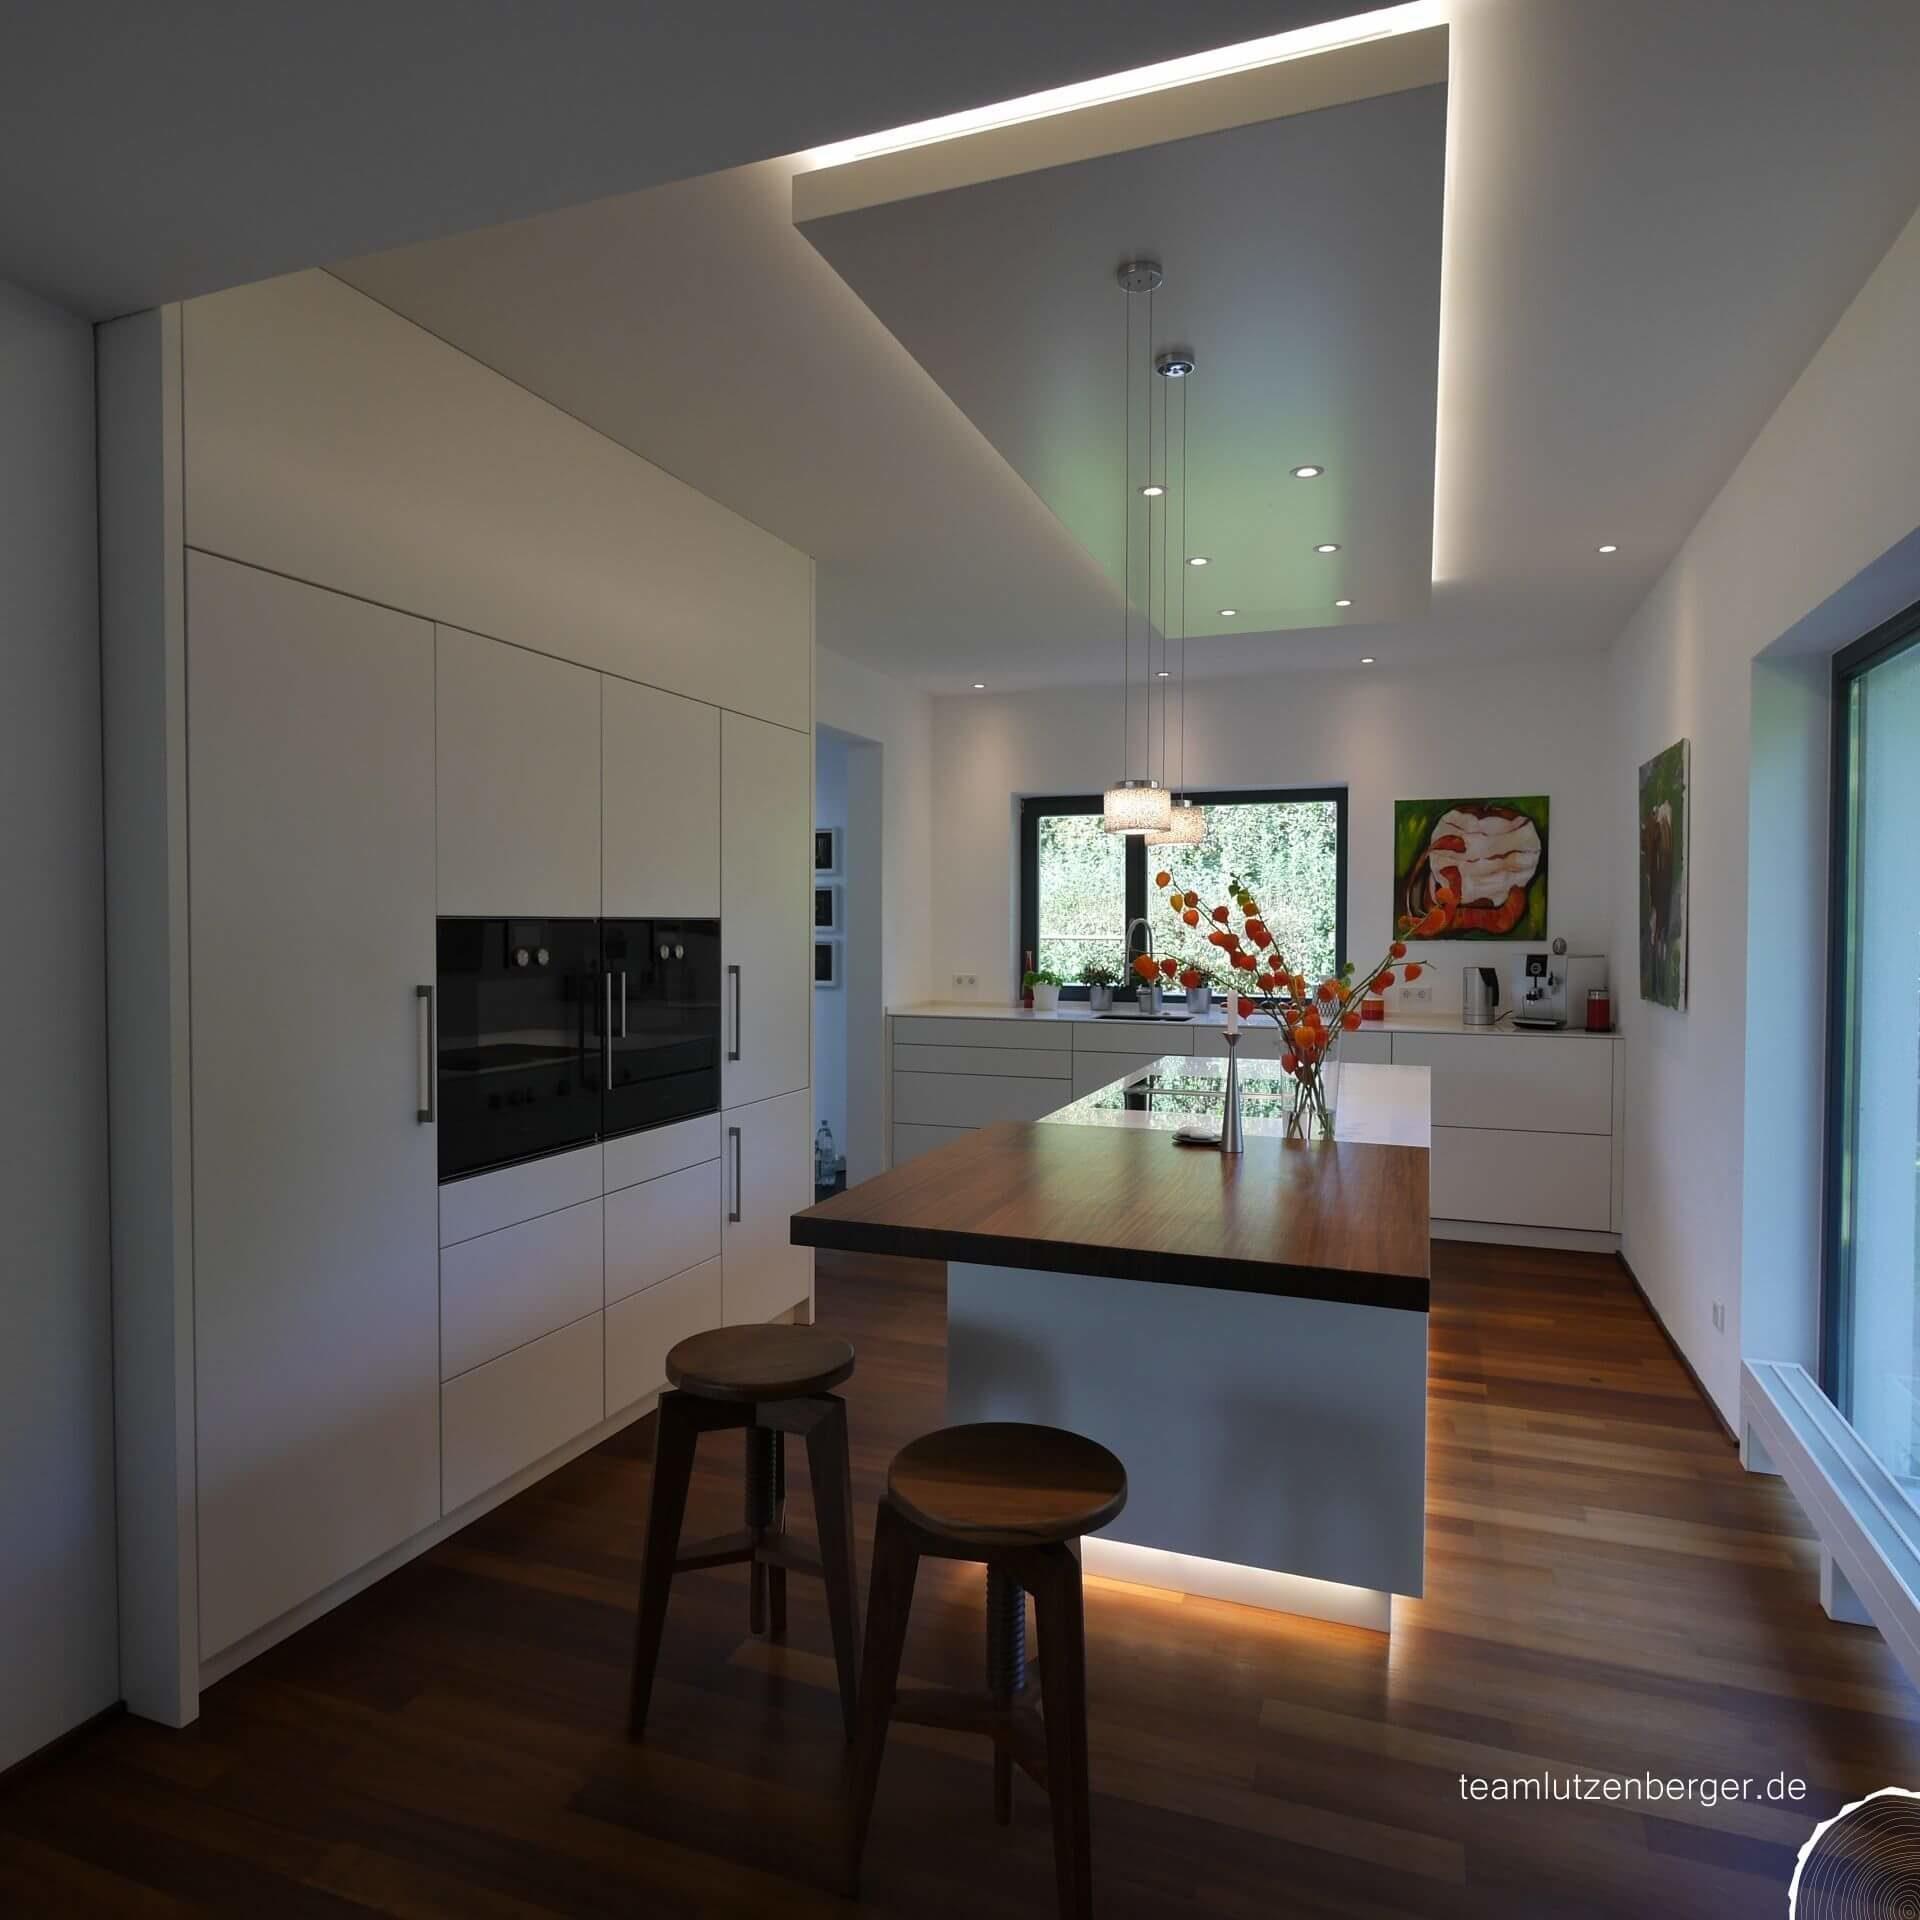 Küche_modern_DeckensegelKüche_modern_Deckensegel